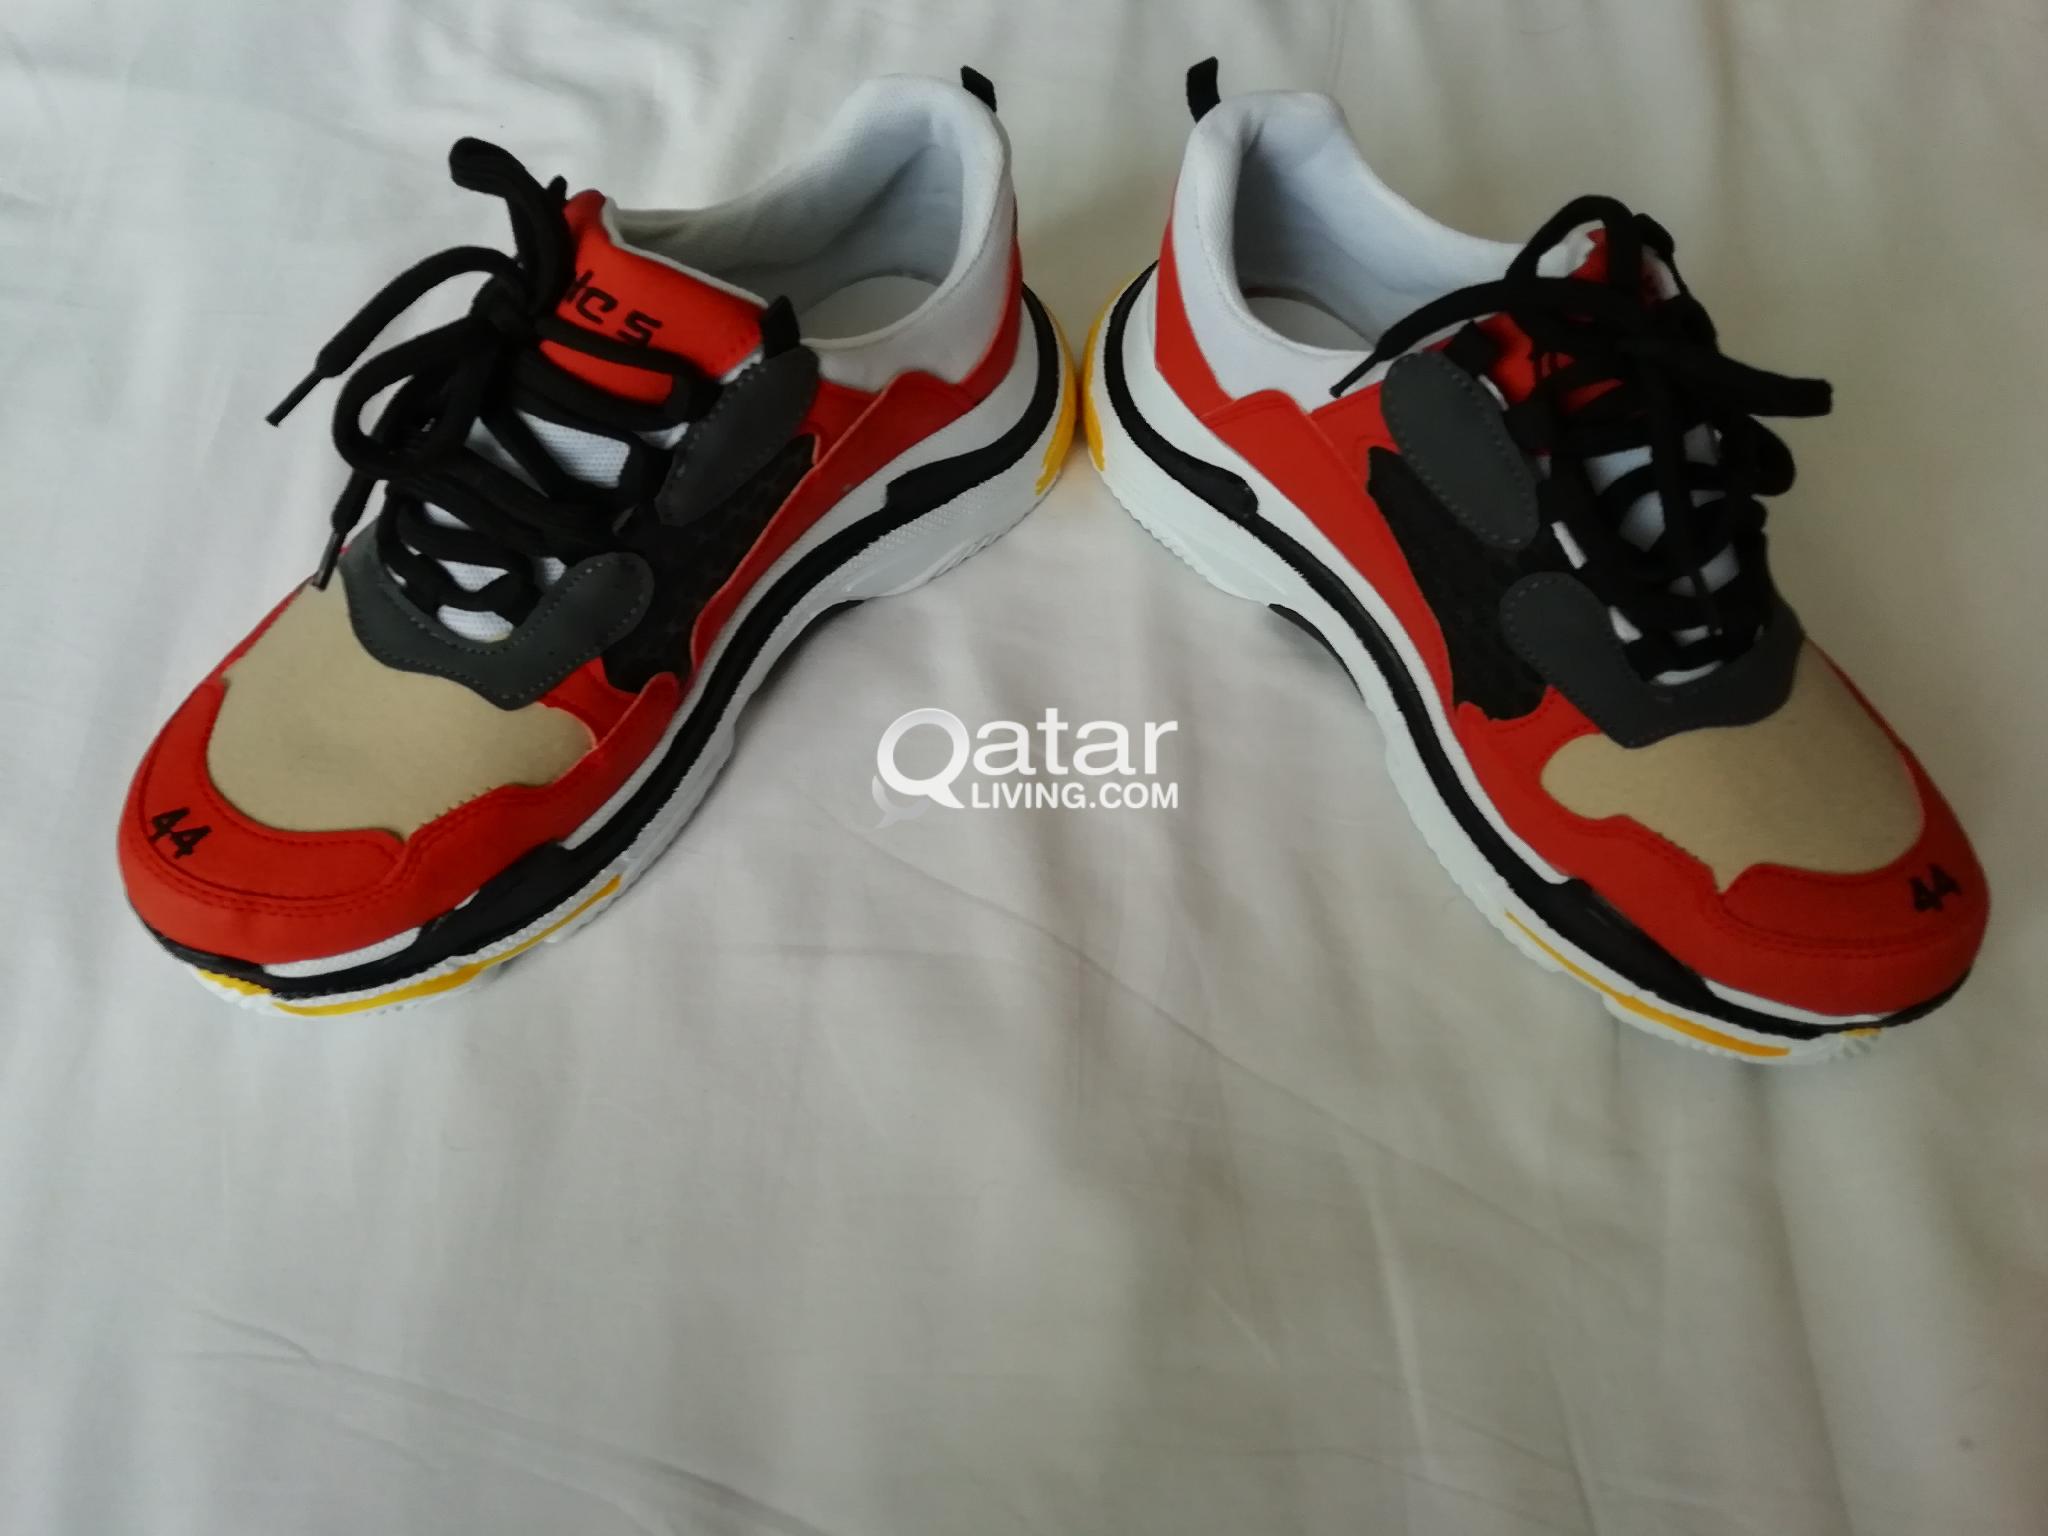 Used Balenciaga Shoes